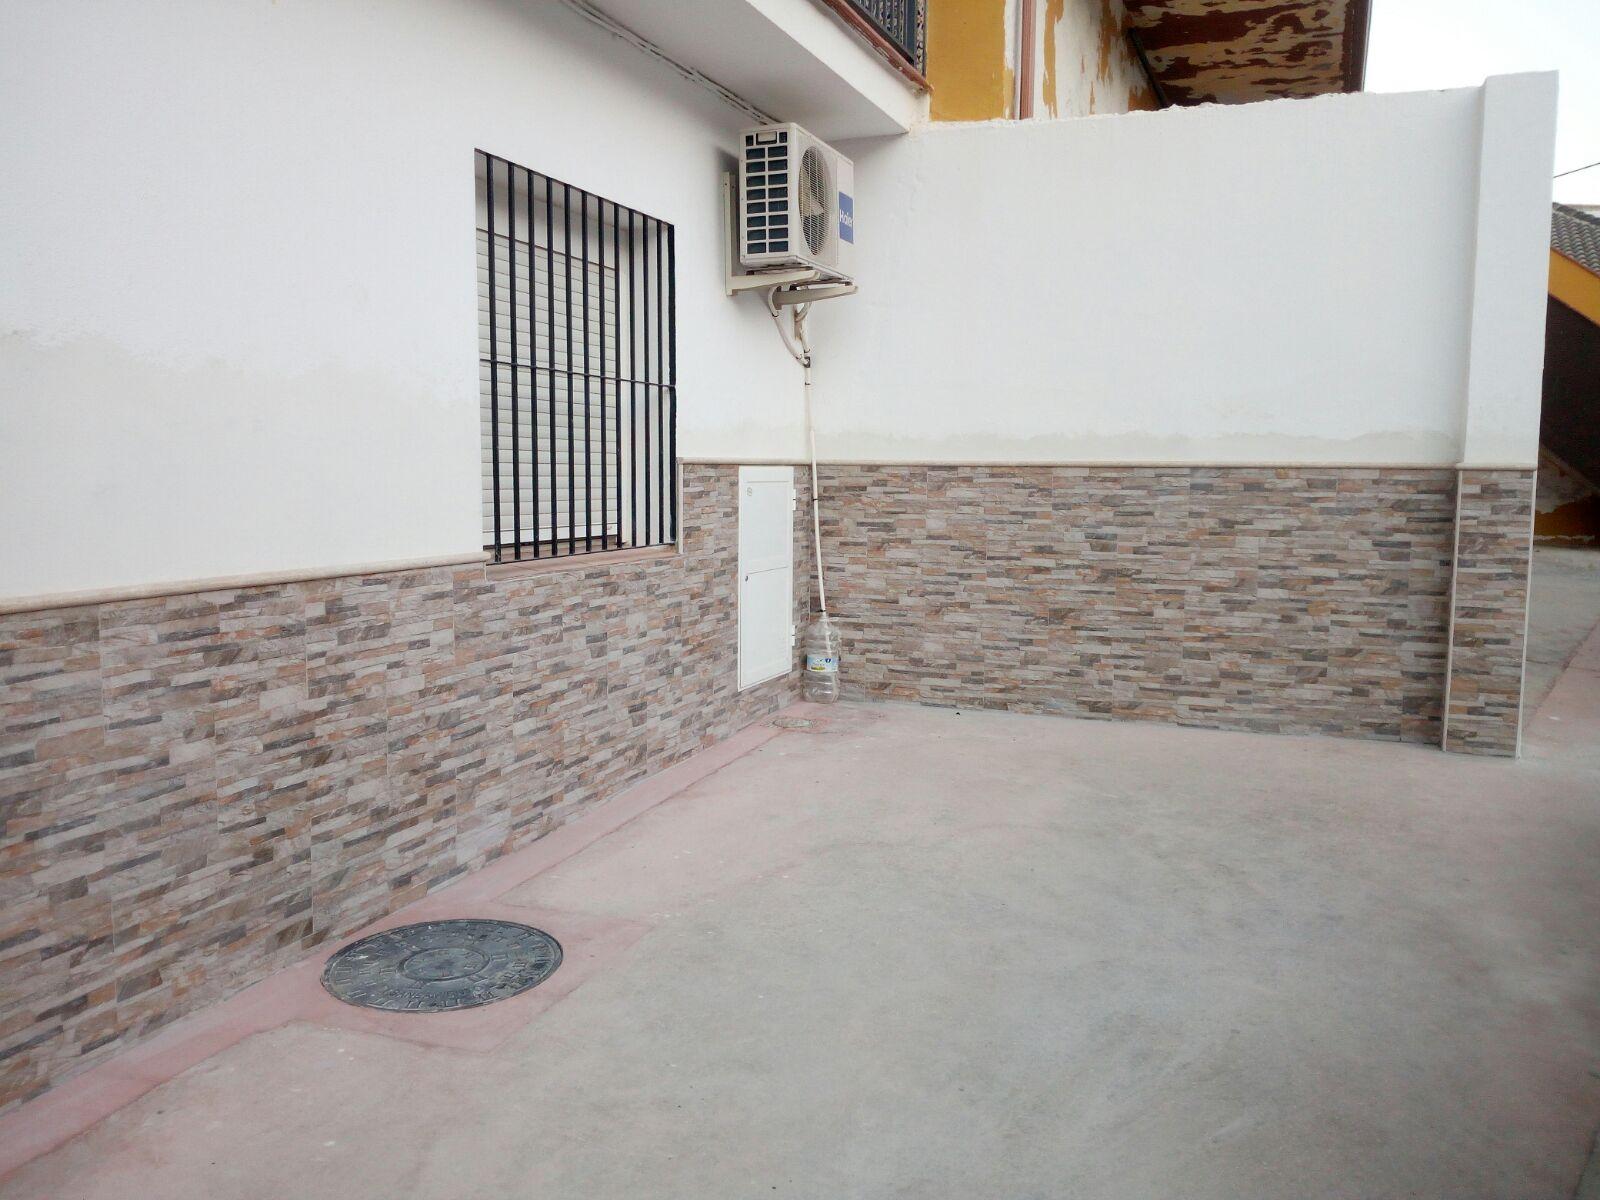 Z calo contra humedad en pared reformas tovar - Zocalo pared ...